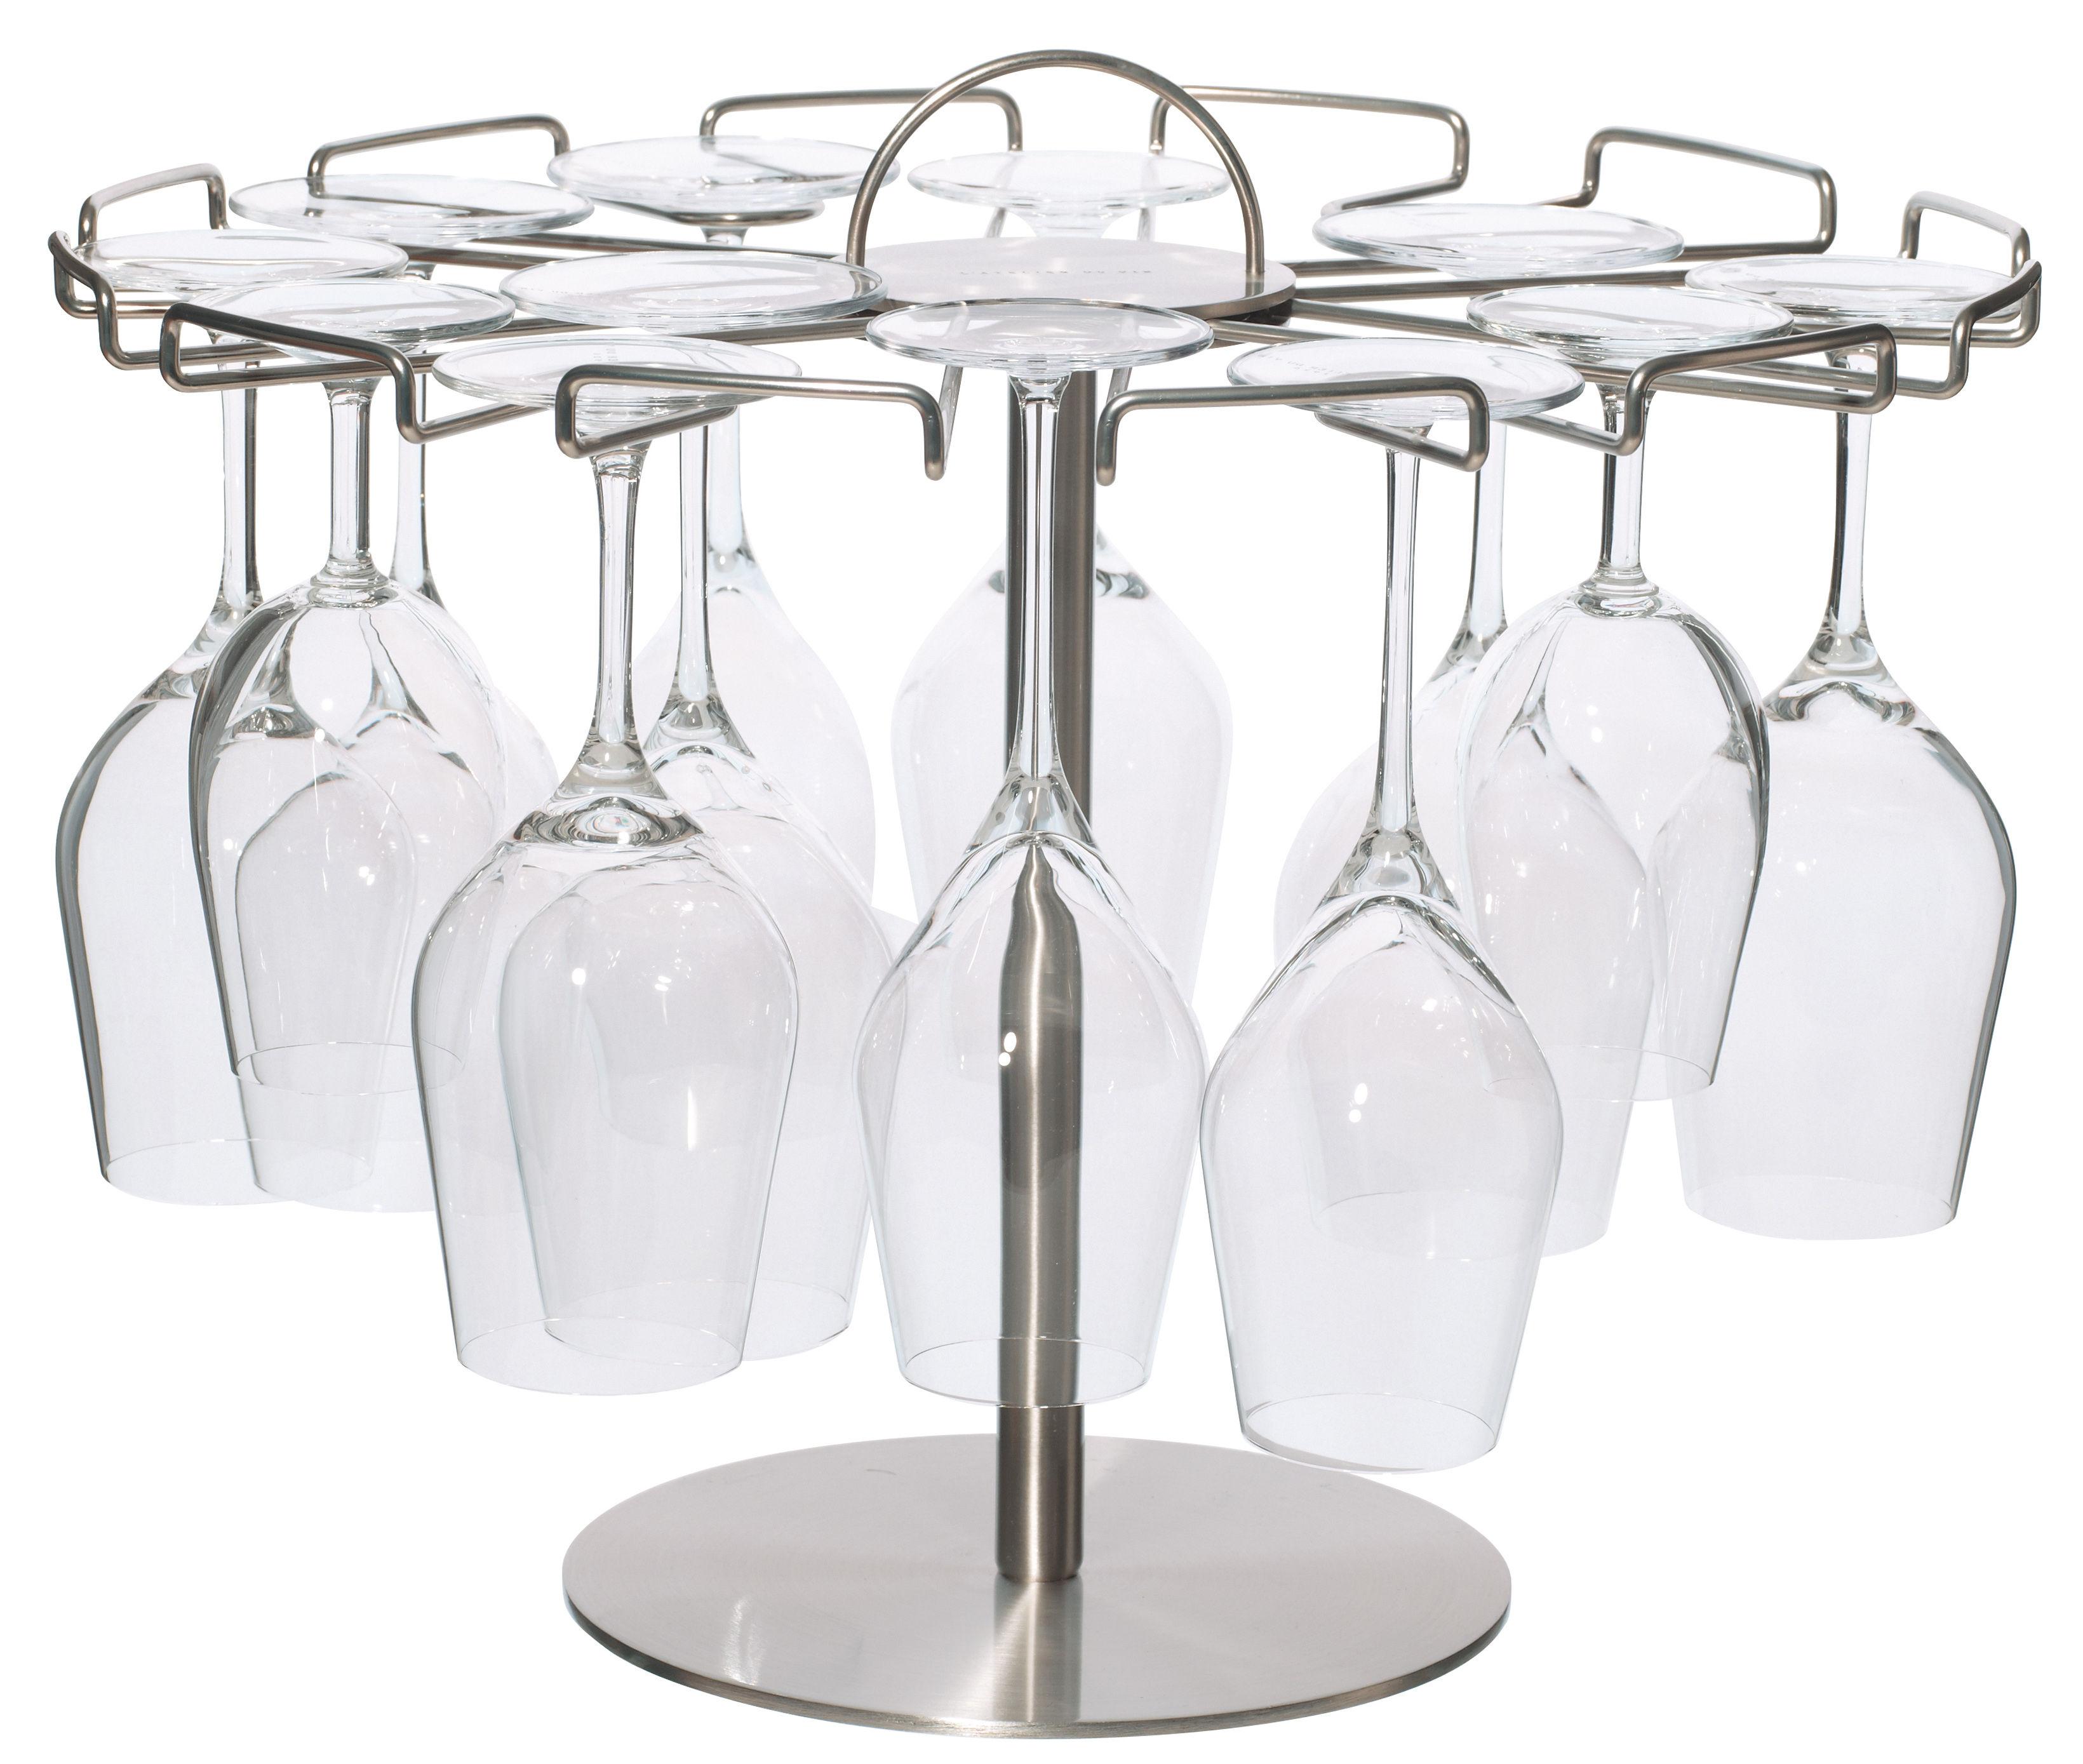 Tischkultur - Bar, Wein und Apéritif - Abtropfgestell / Ständer für 18 Gläser - L'Atelier du Vin - Stahl - rostfreier Stahl, verchromter Stahl